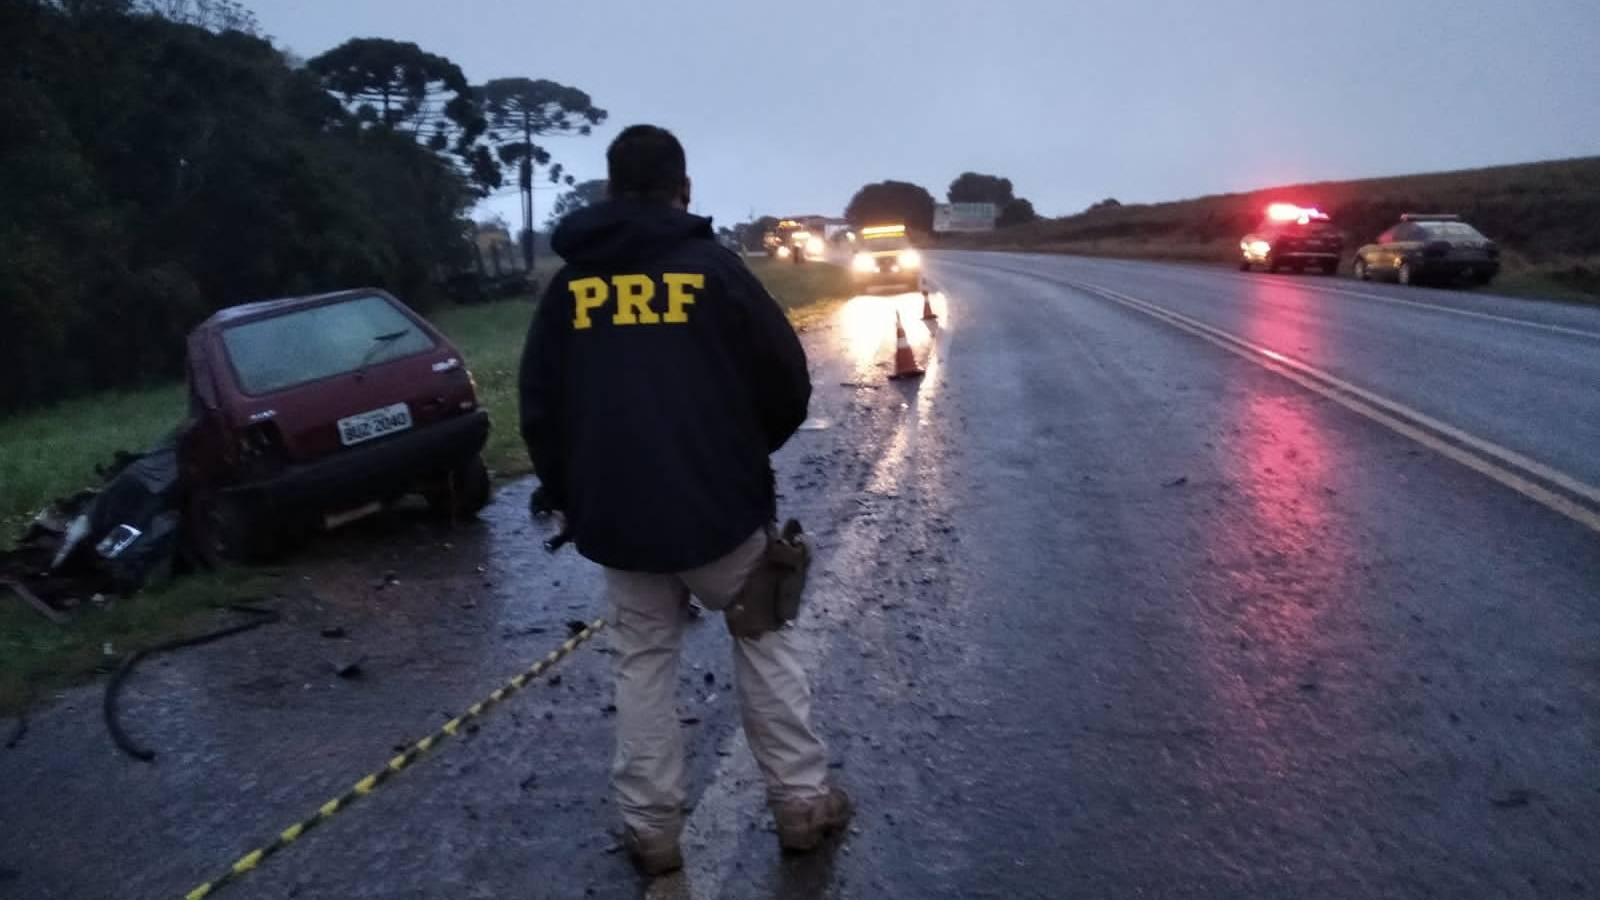 PRF de Ponta Grossa atende  acidente com óbitos na BR 373, em Imbituva